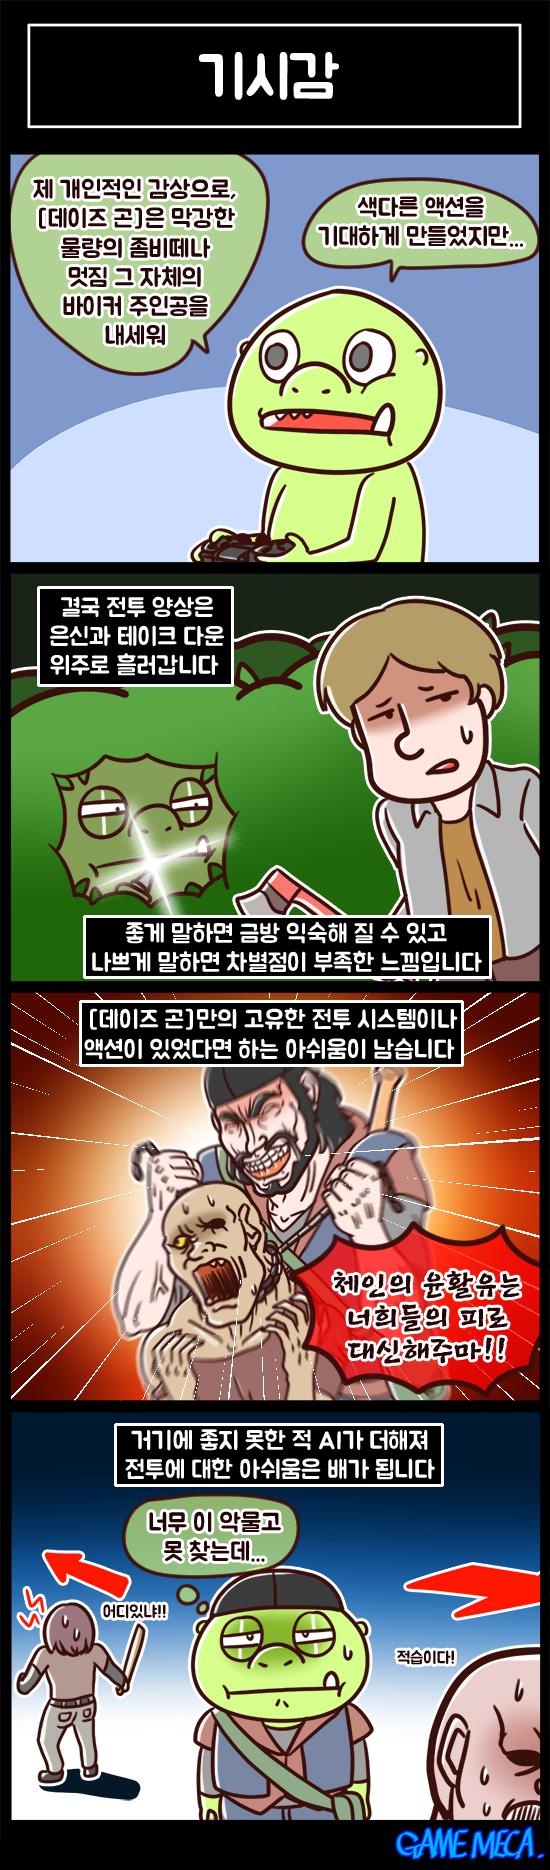 노팔리뷰, 노동팔호, 노동8호, 데이즈 곤